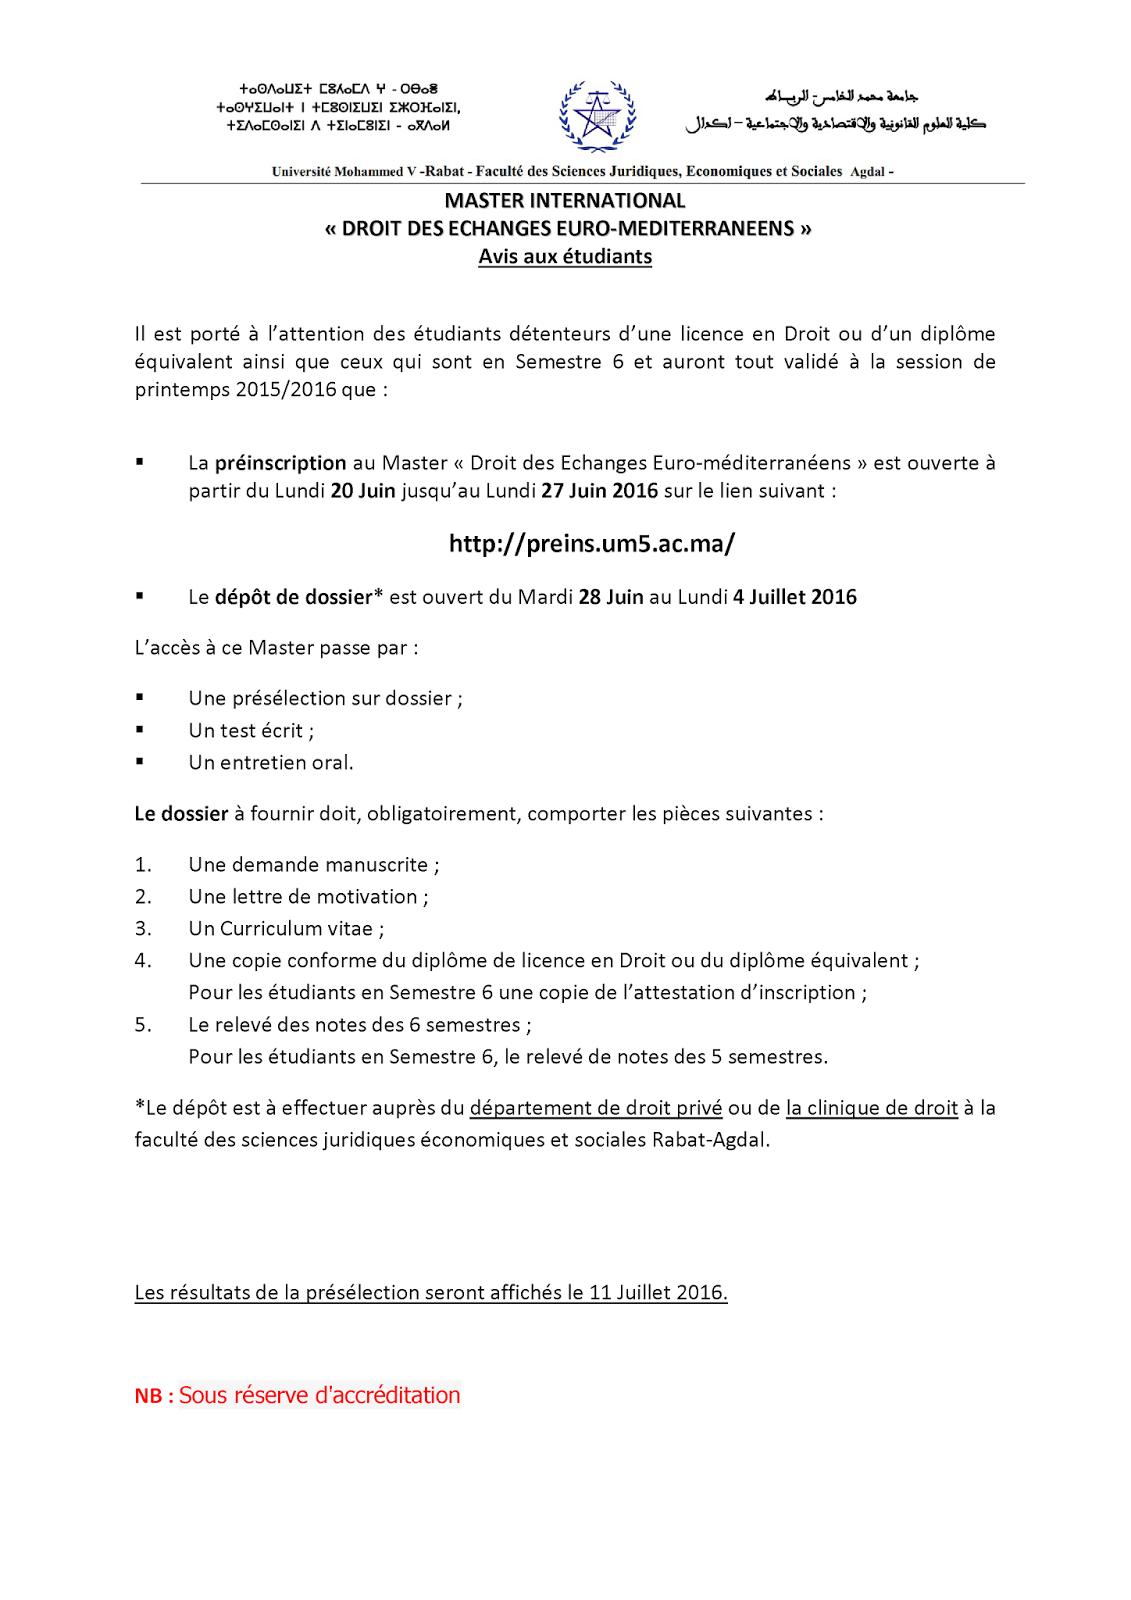 master international droit des echanges euro 2017